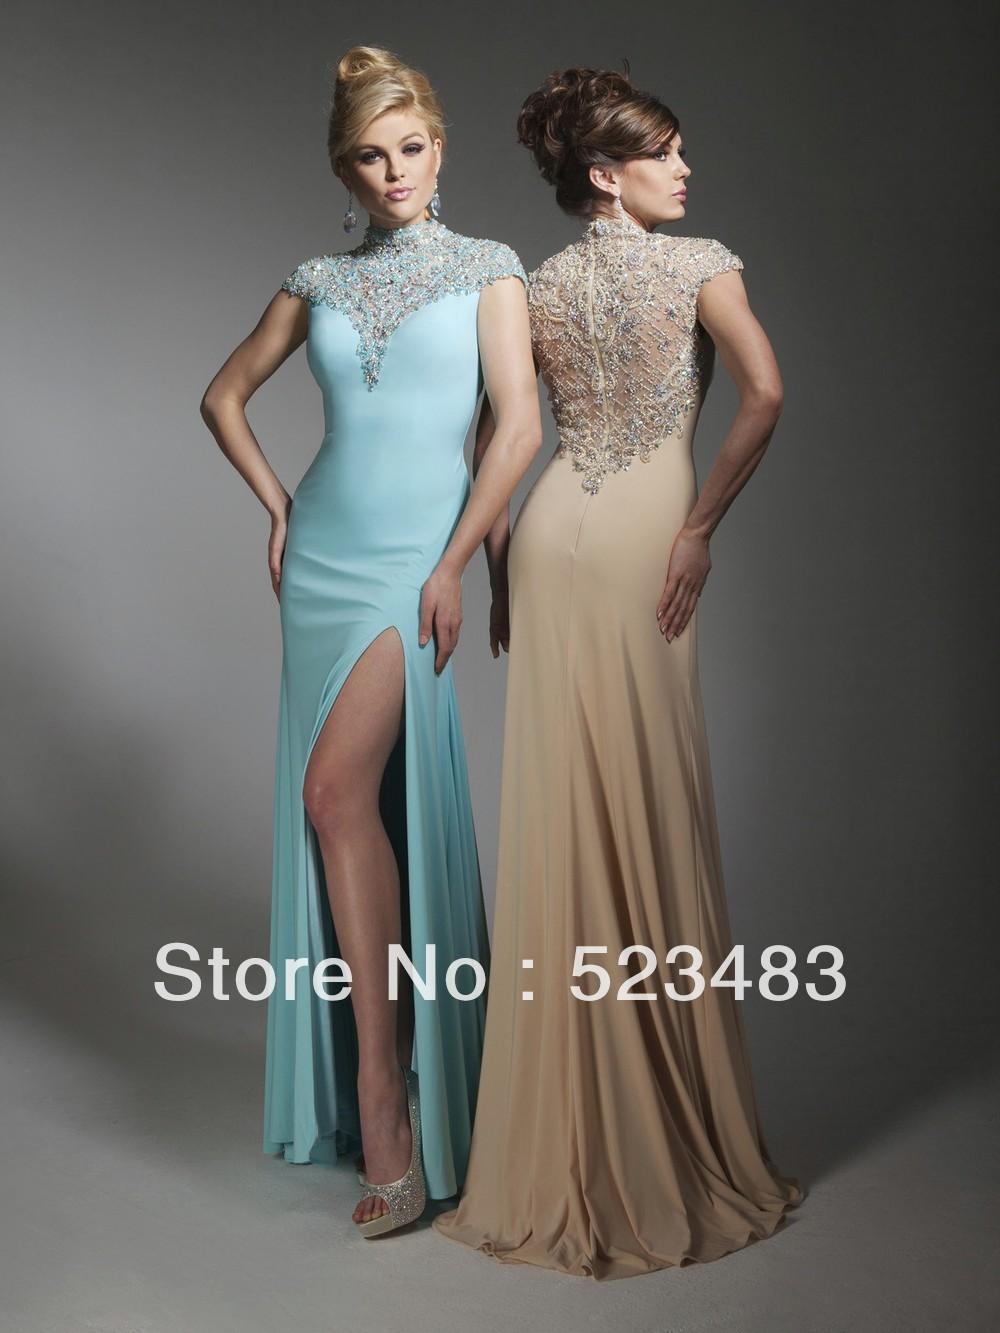 Elegant Evening Dresses For Weddings Uk 82